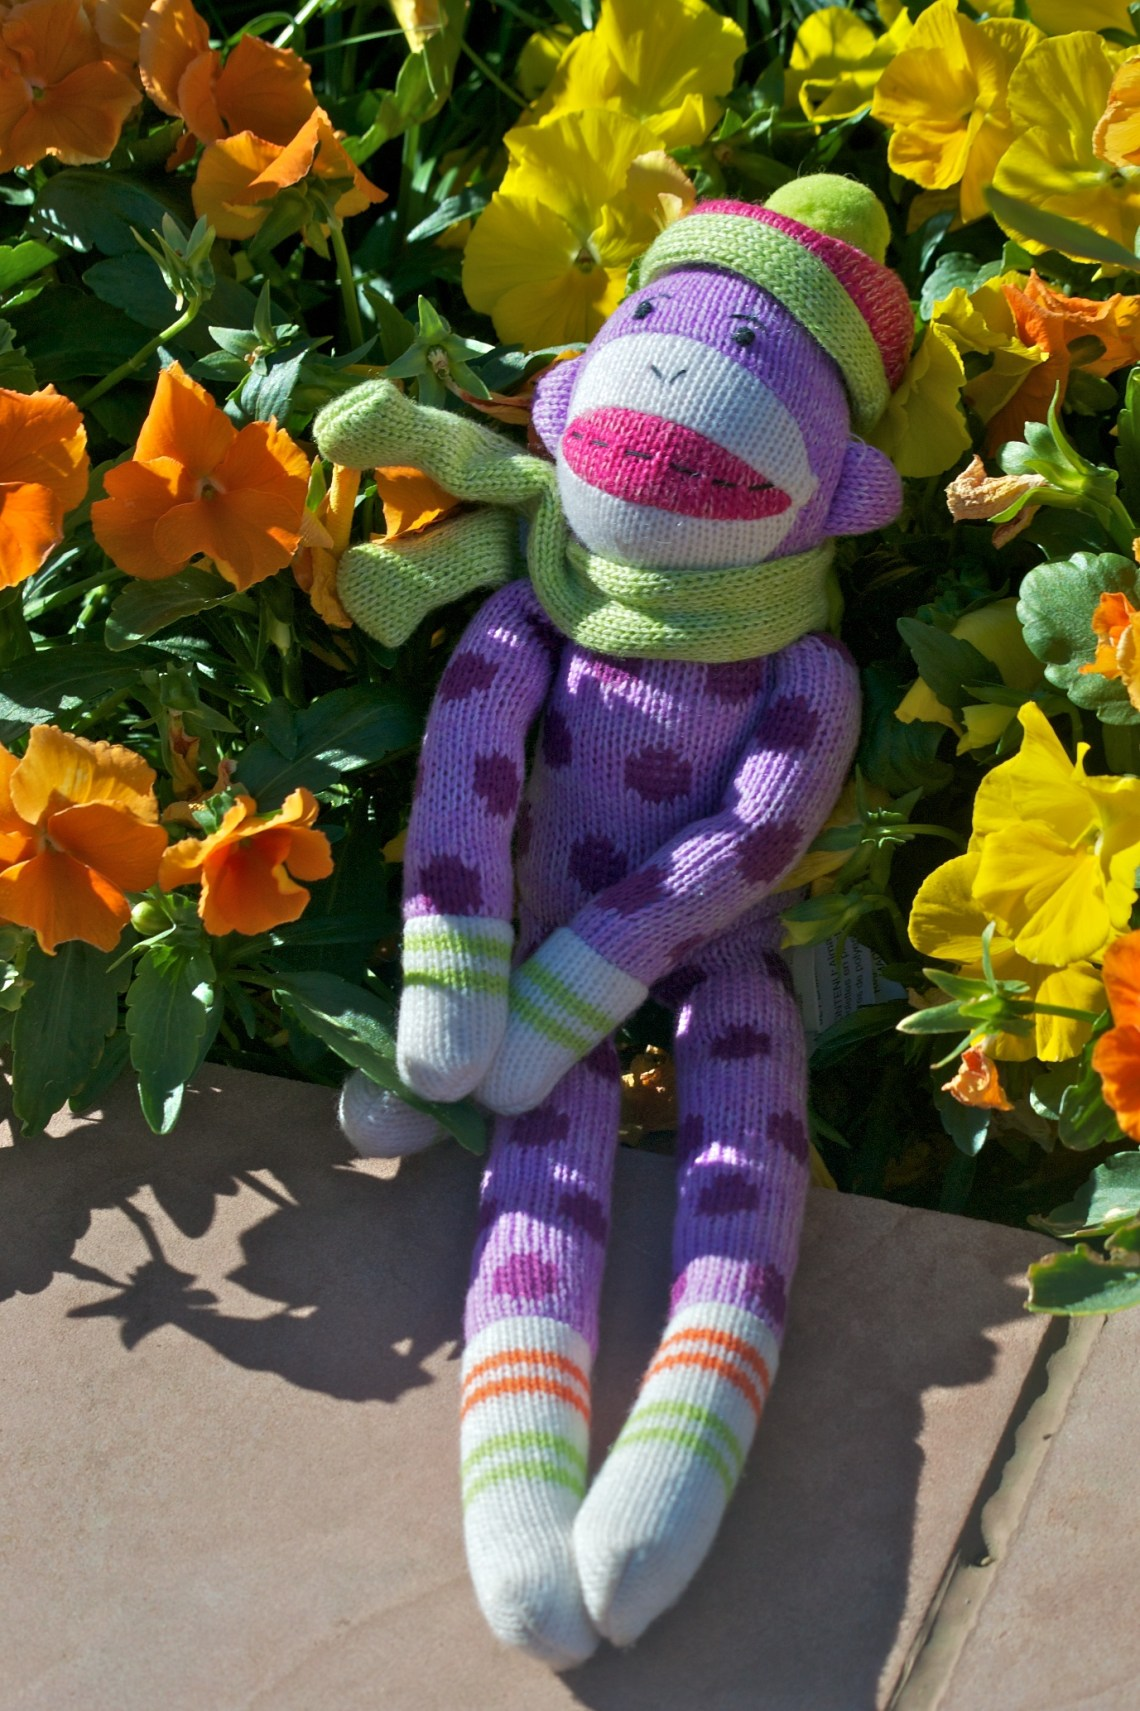 Sock Monkey Sitting Amongst Flowers